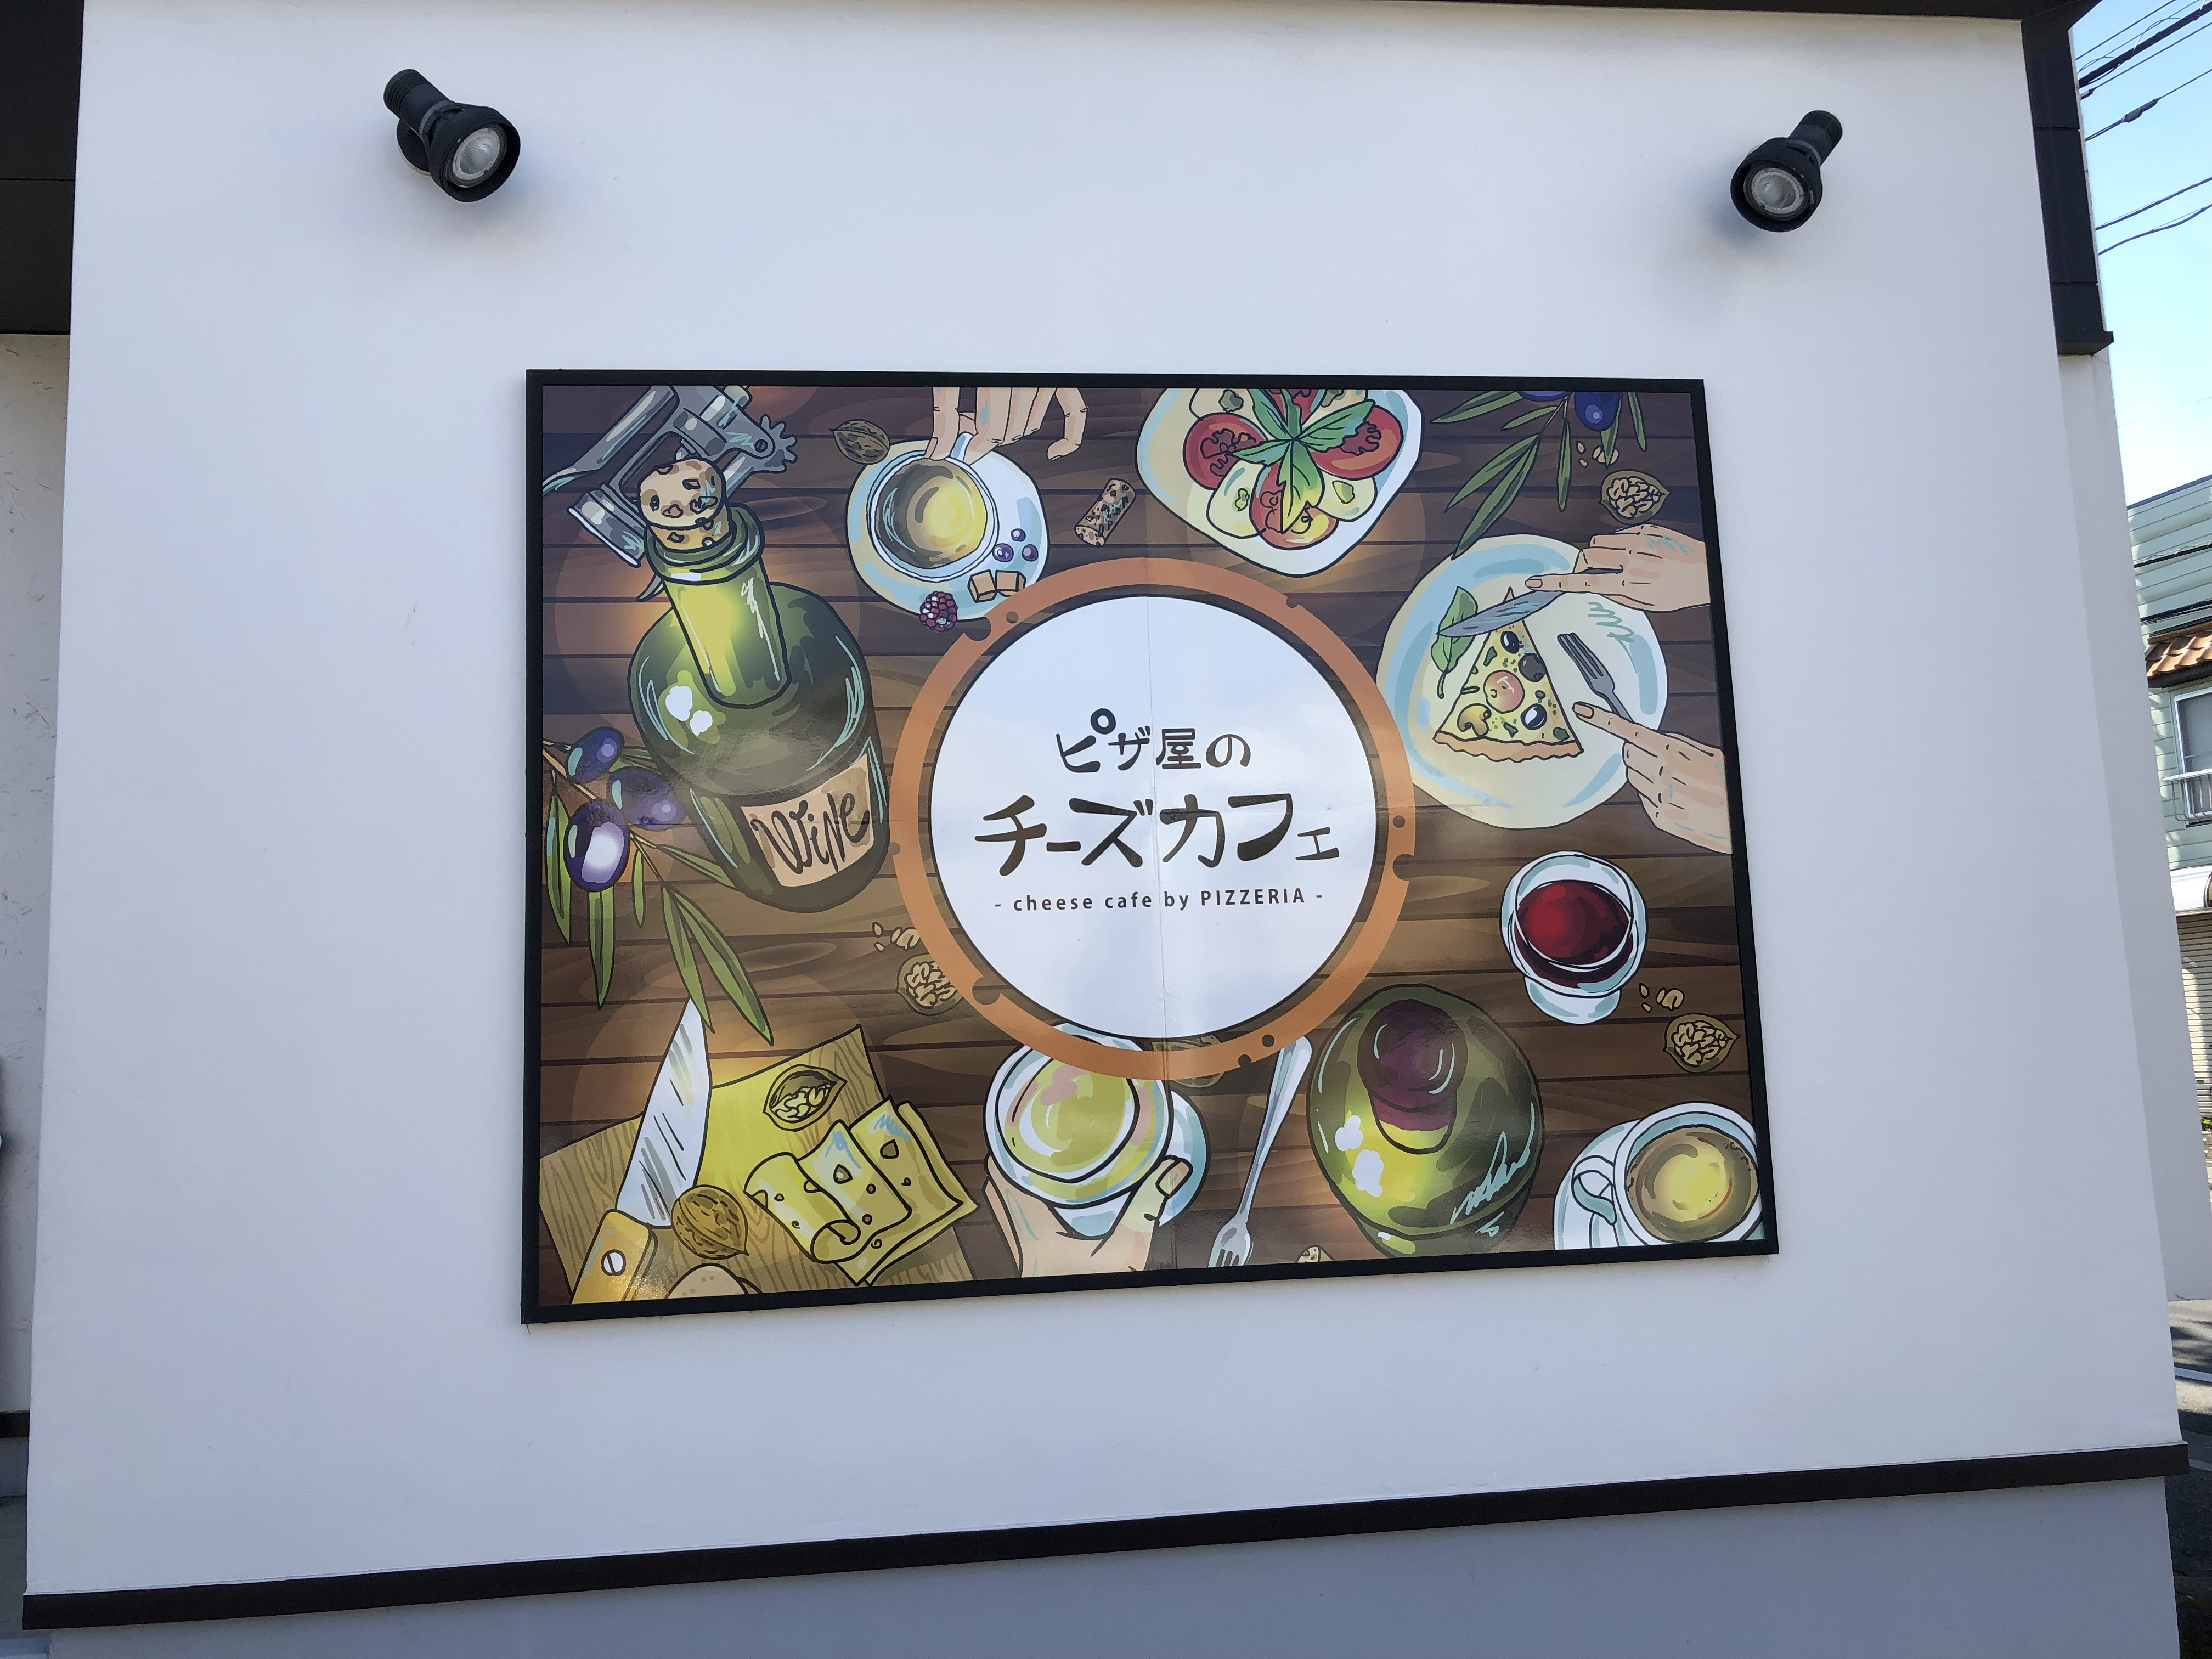 入間市ピザ屋のチーズカフェの看板